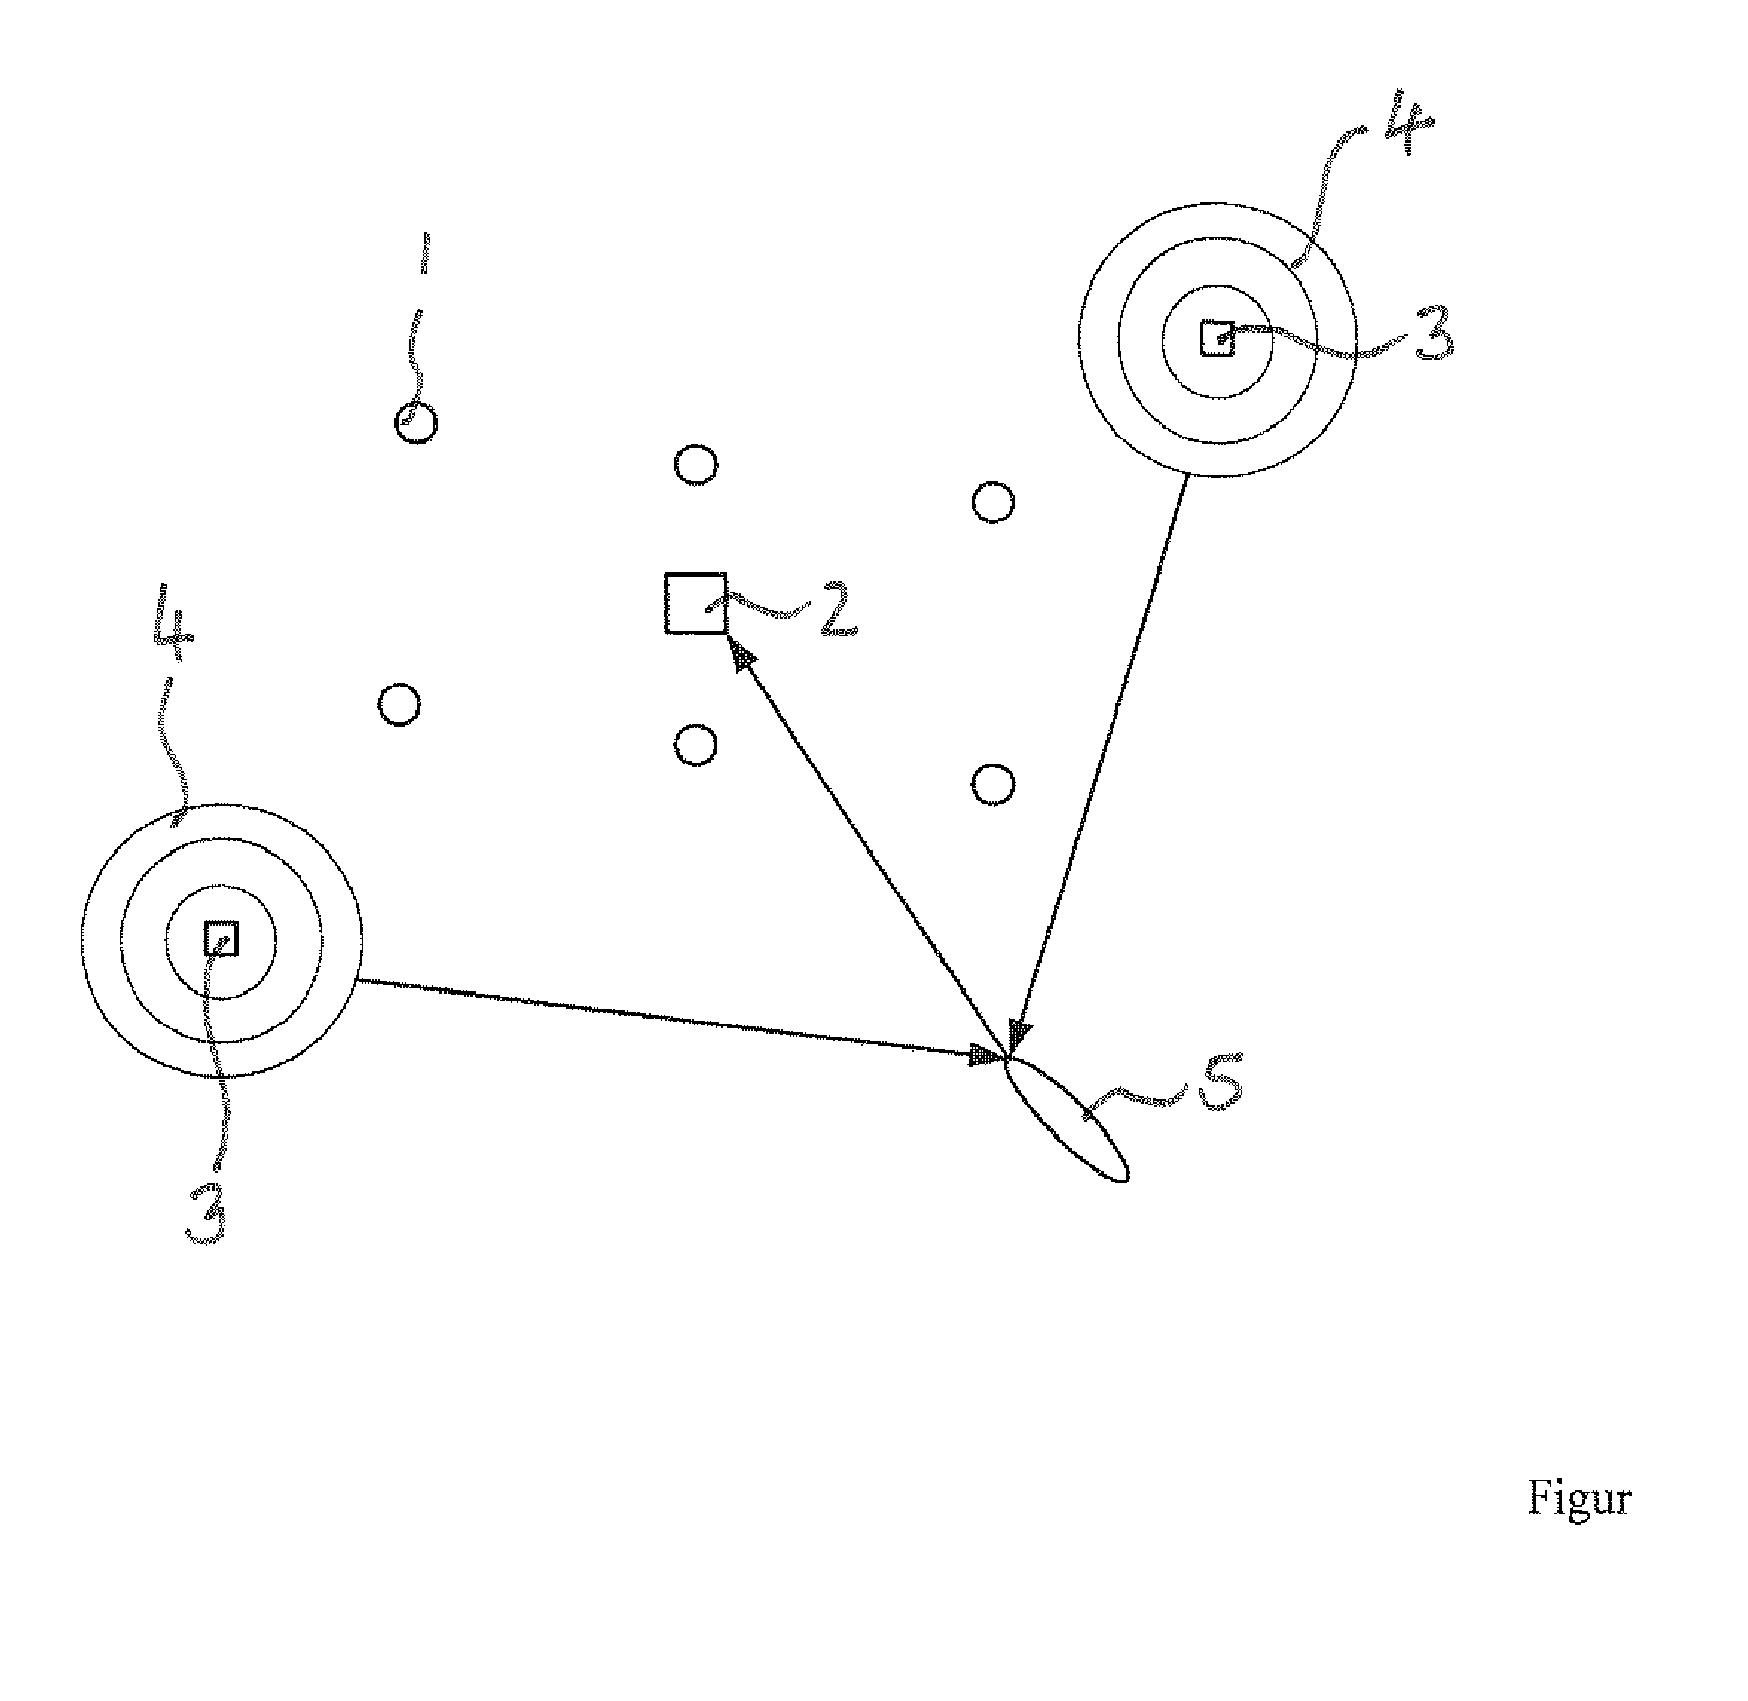 Patent EP2546519A2 - Luftraumüberwachung von Windturbinen mittels ...